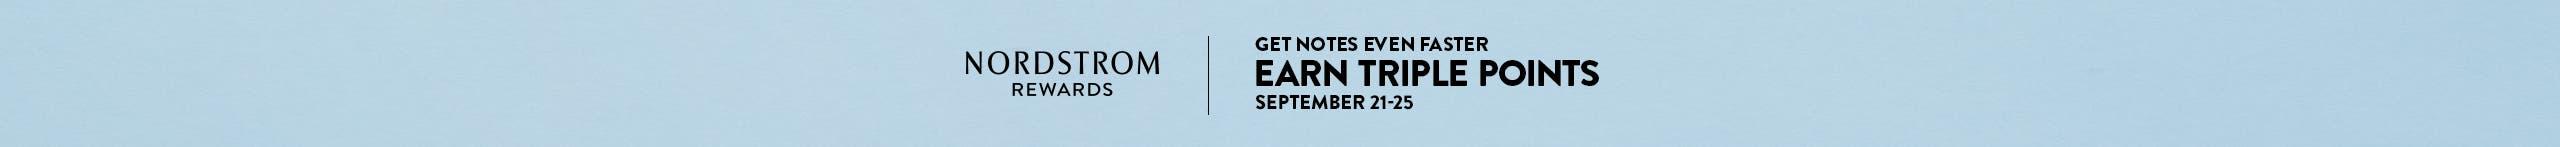 Nordstrom Rewards. Get Notes even faster: earn triple points September 21-25.